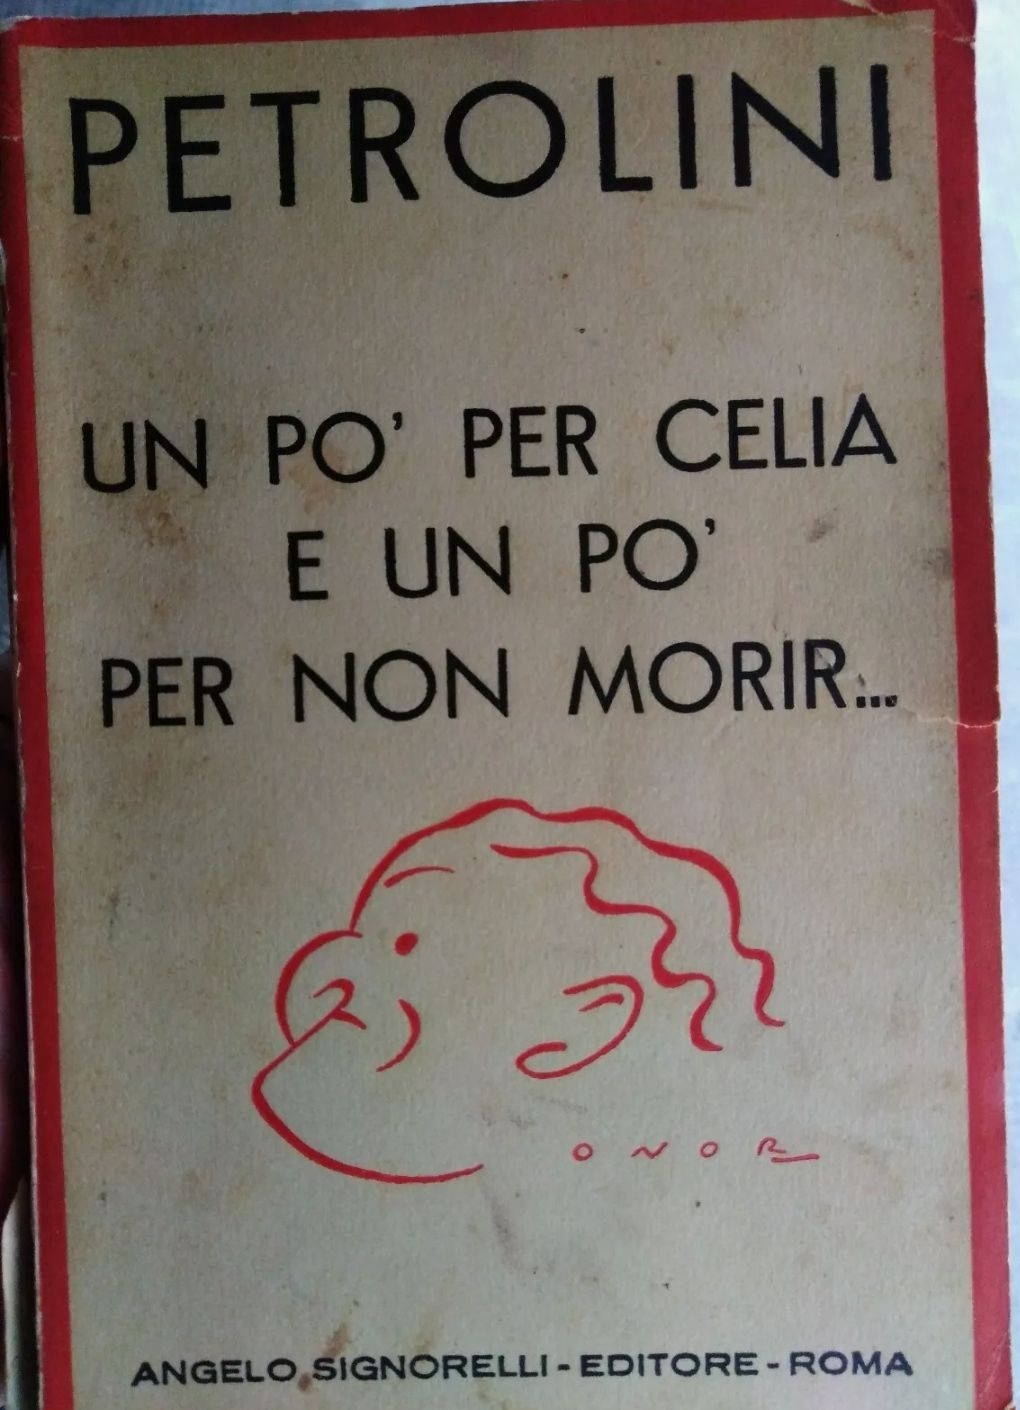 Petrolini Un po' per Celia e un po' per non morir 1a edizione Signorelli 1936